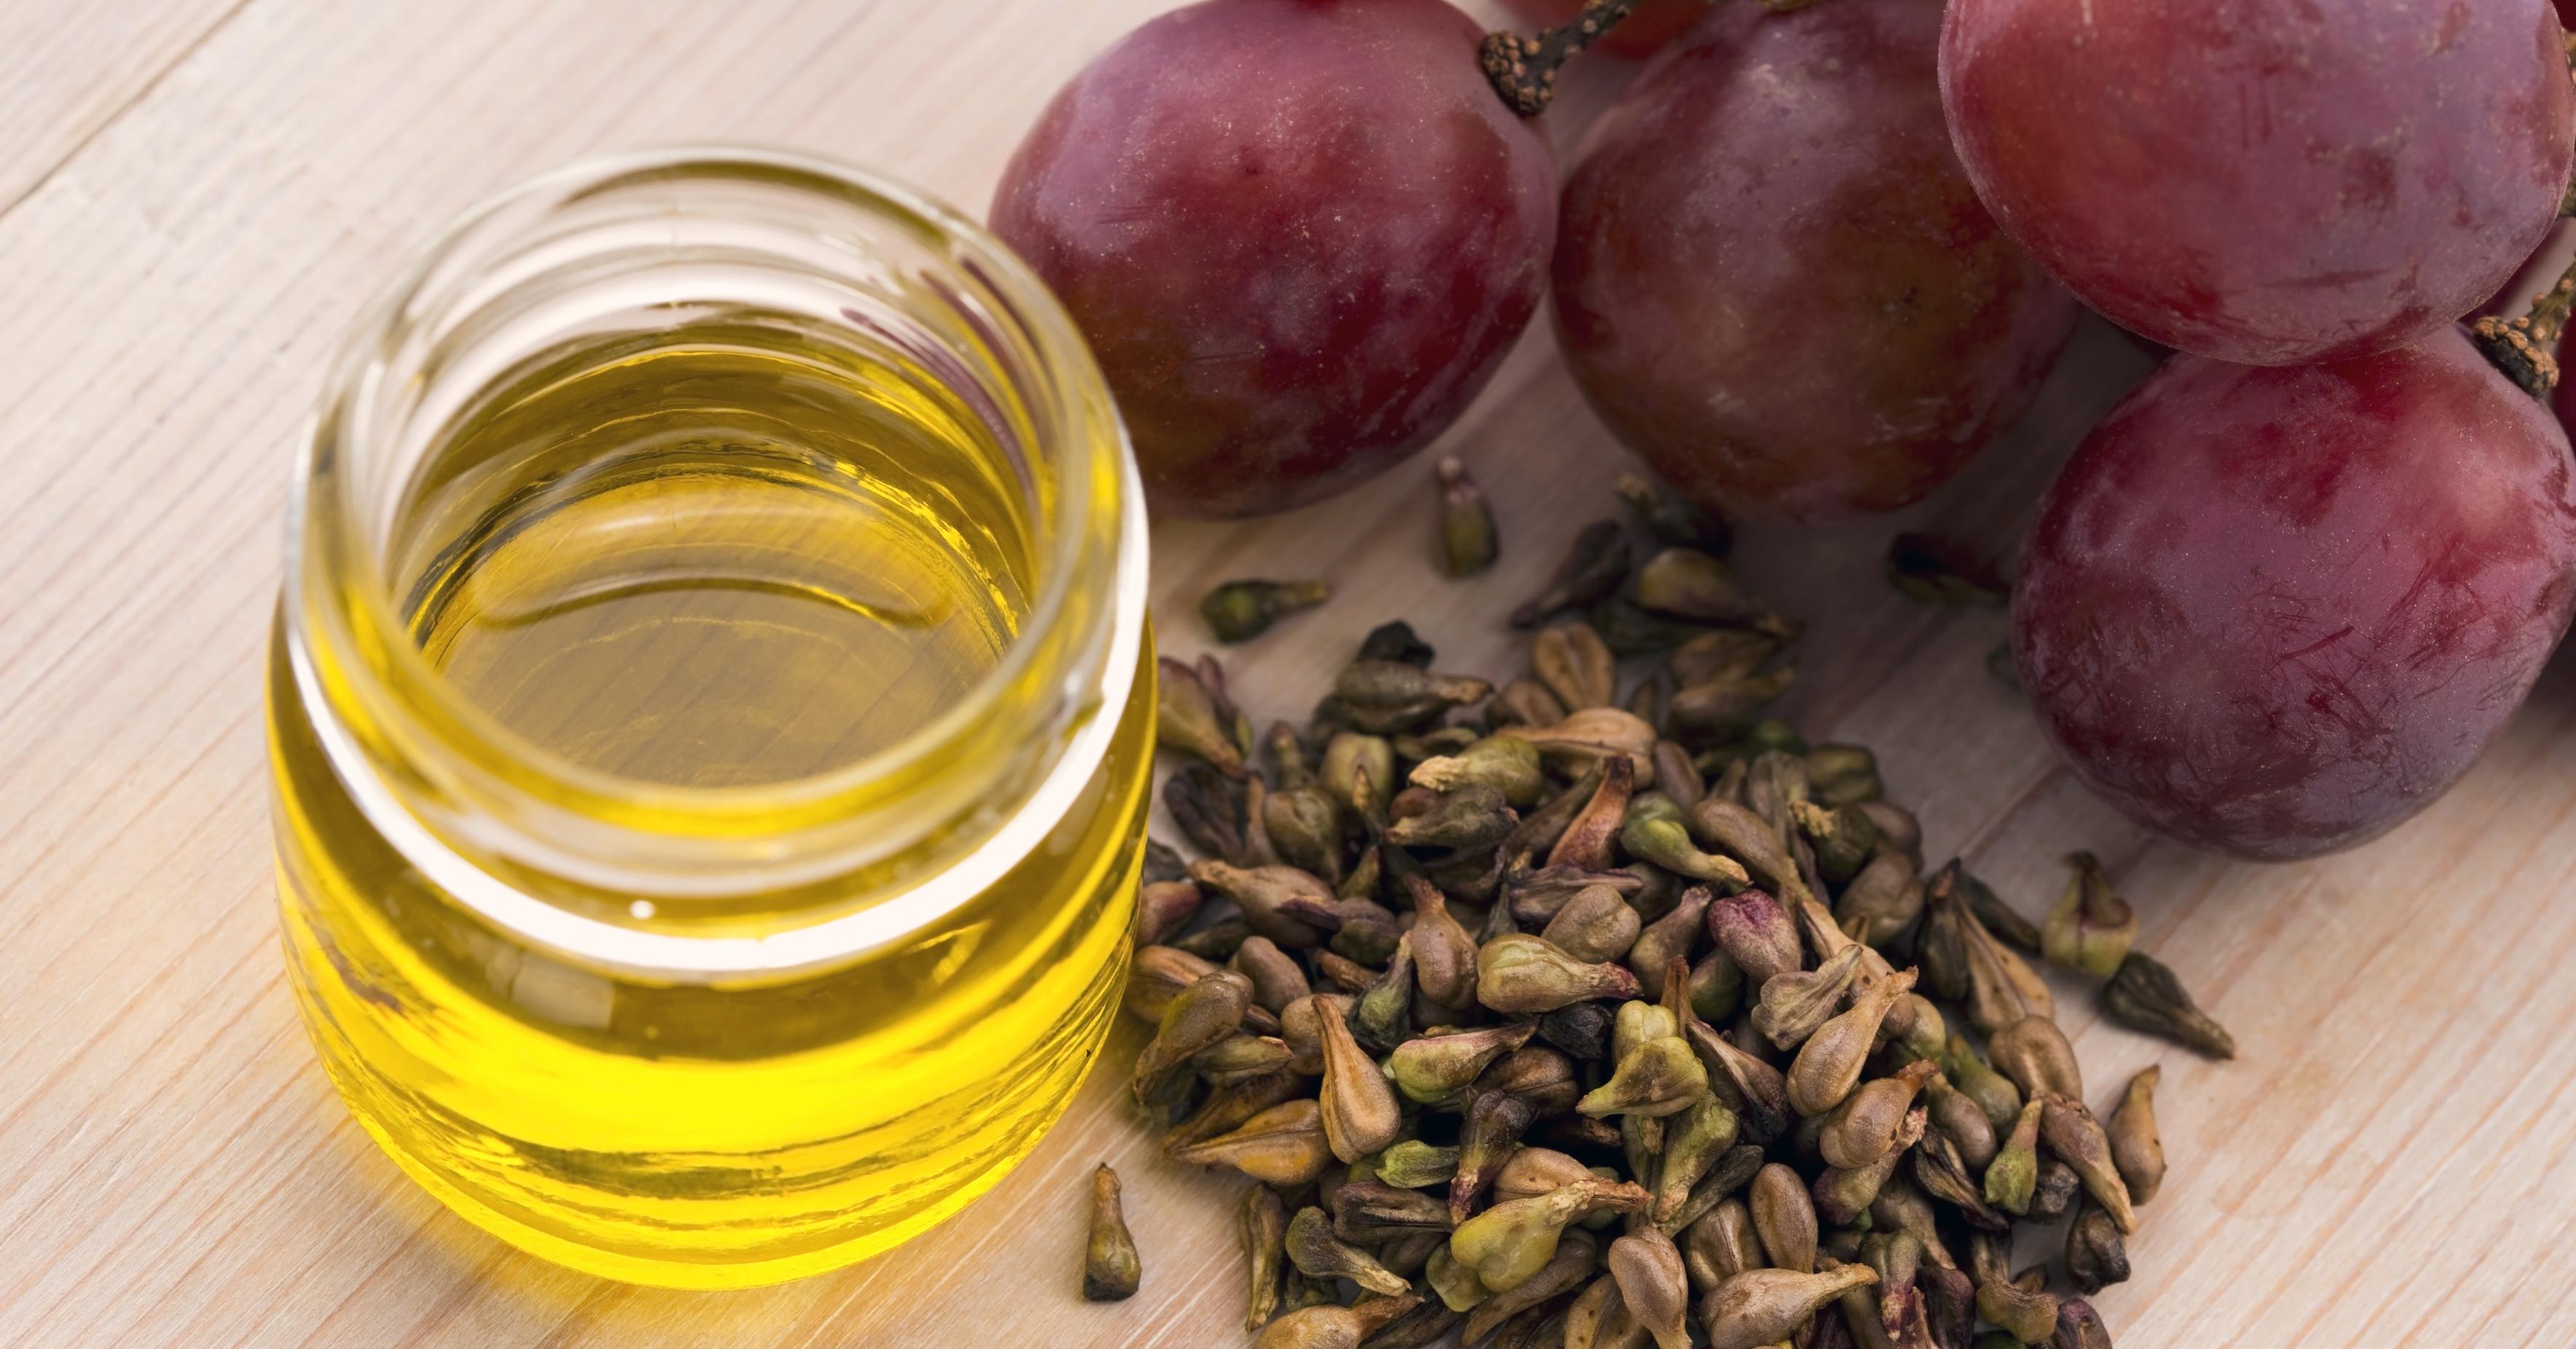 清爽不黏的葡萄籽油